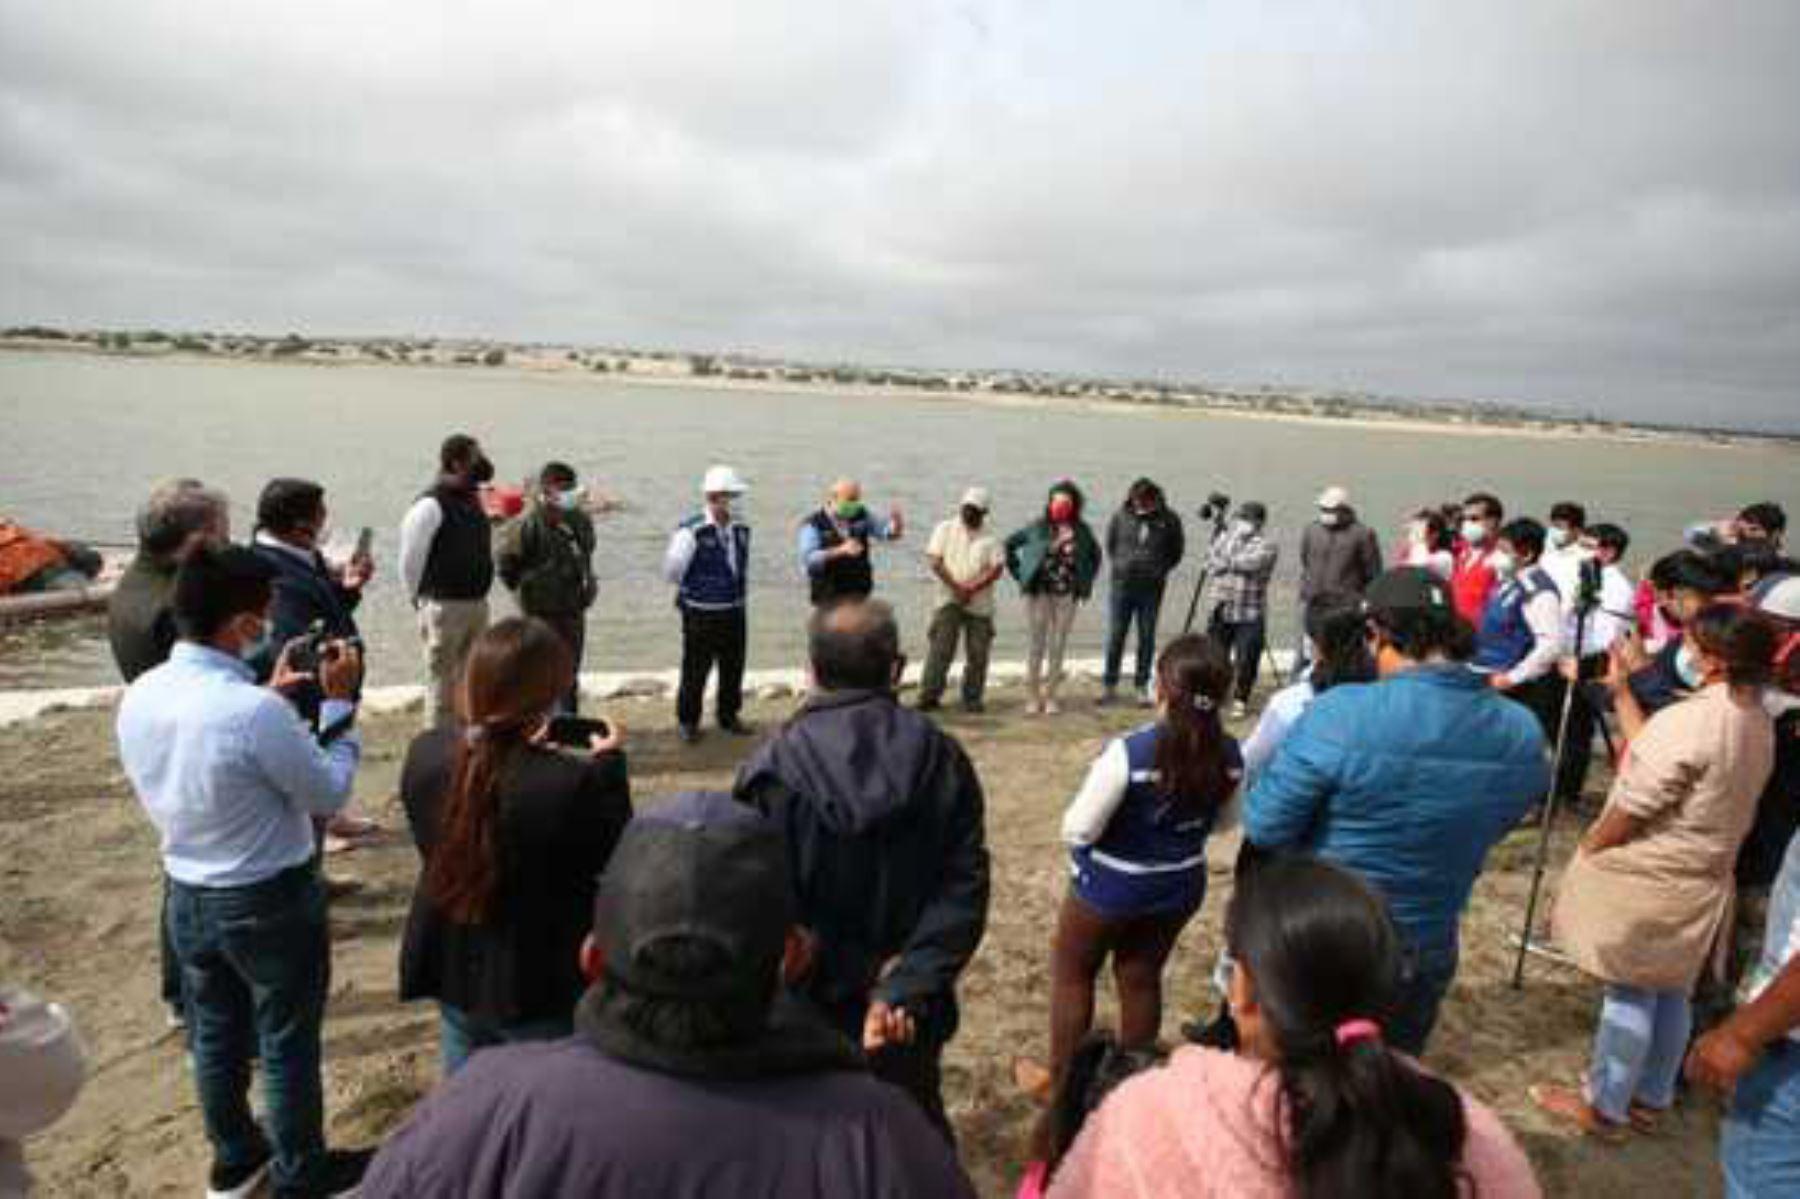 Estuario de Virrilá, el humedal en medio del desierto, tendrá categoría de sitio Ramsar